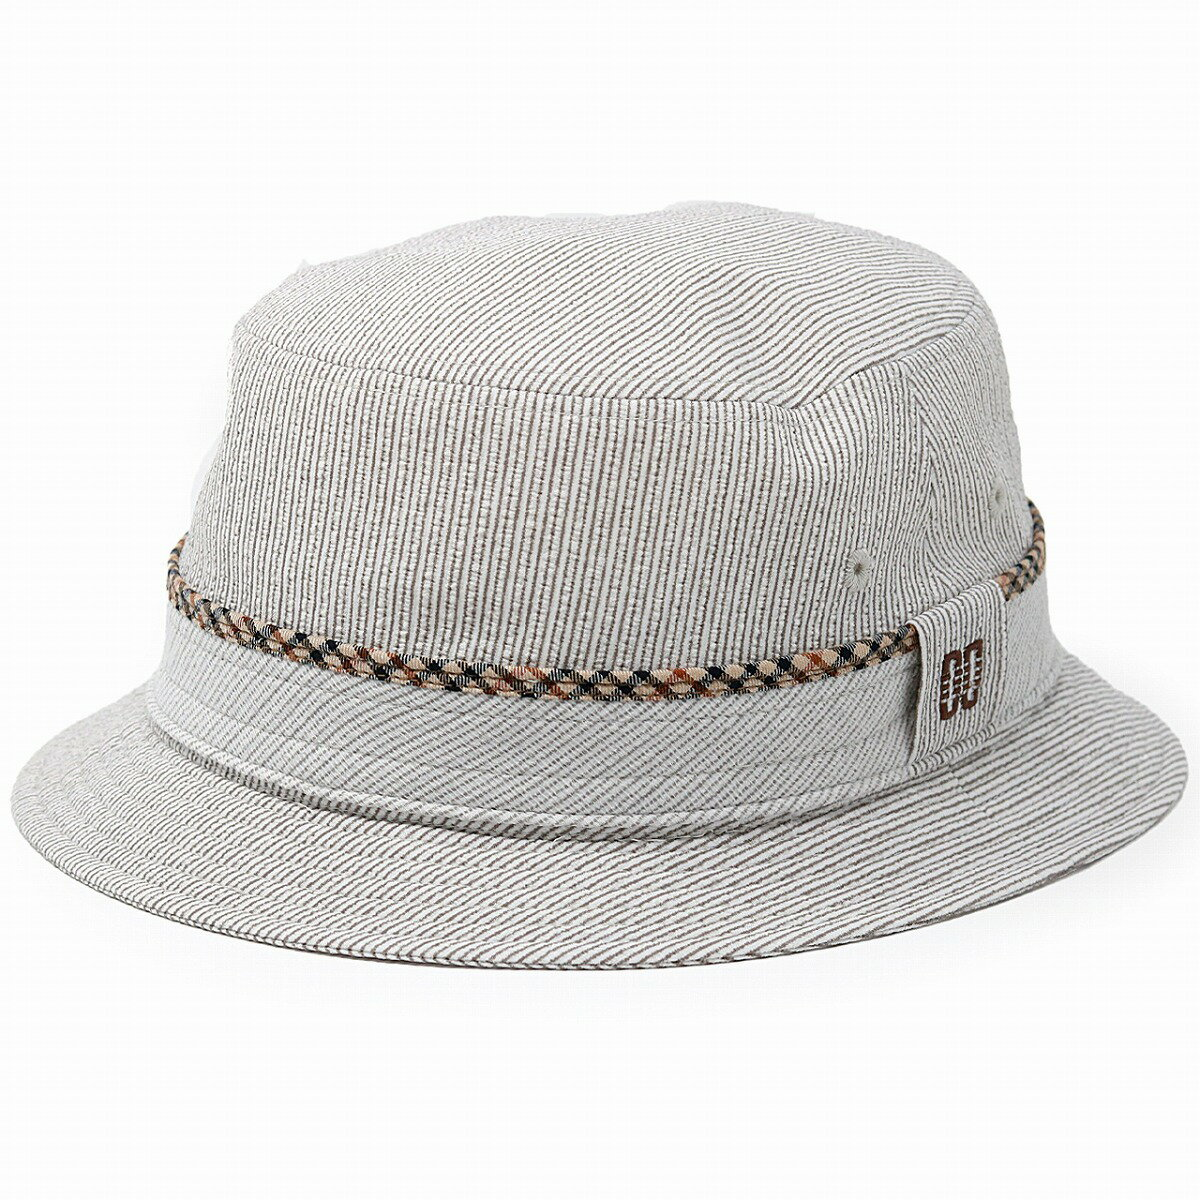 ダックス サファリ ハット サッカー生地 ストライプ 通気性の良い 帽子 daks サハリハット メンズ DAKS 春夏 メッシュ 涼しい 日本製 サッカーストライプ ハット 小さいサイズ 大きいサイズ S M L / ベージュ [ bucket hat ] ギフト プレゼント 帽子通販